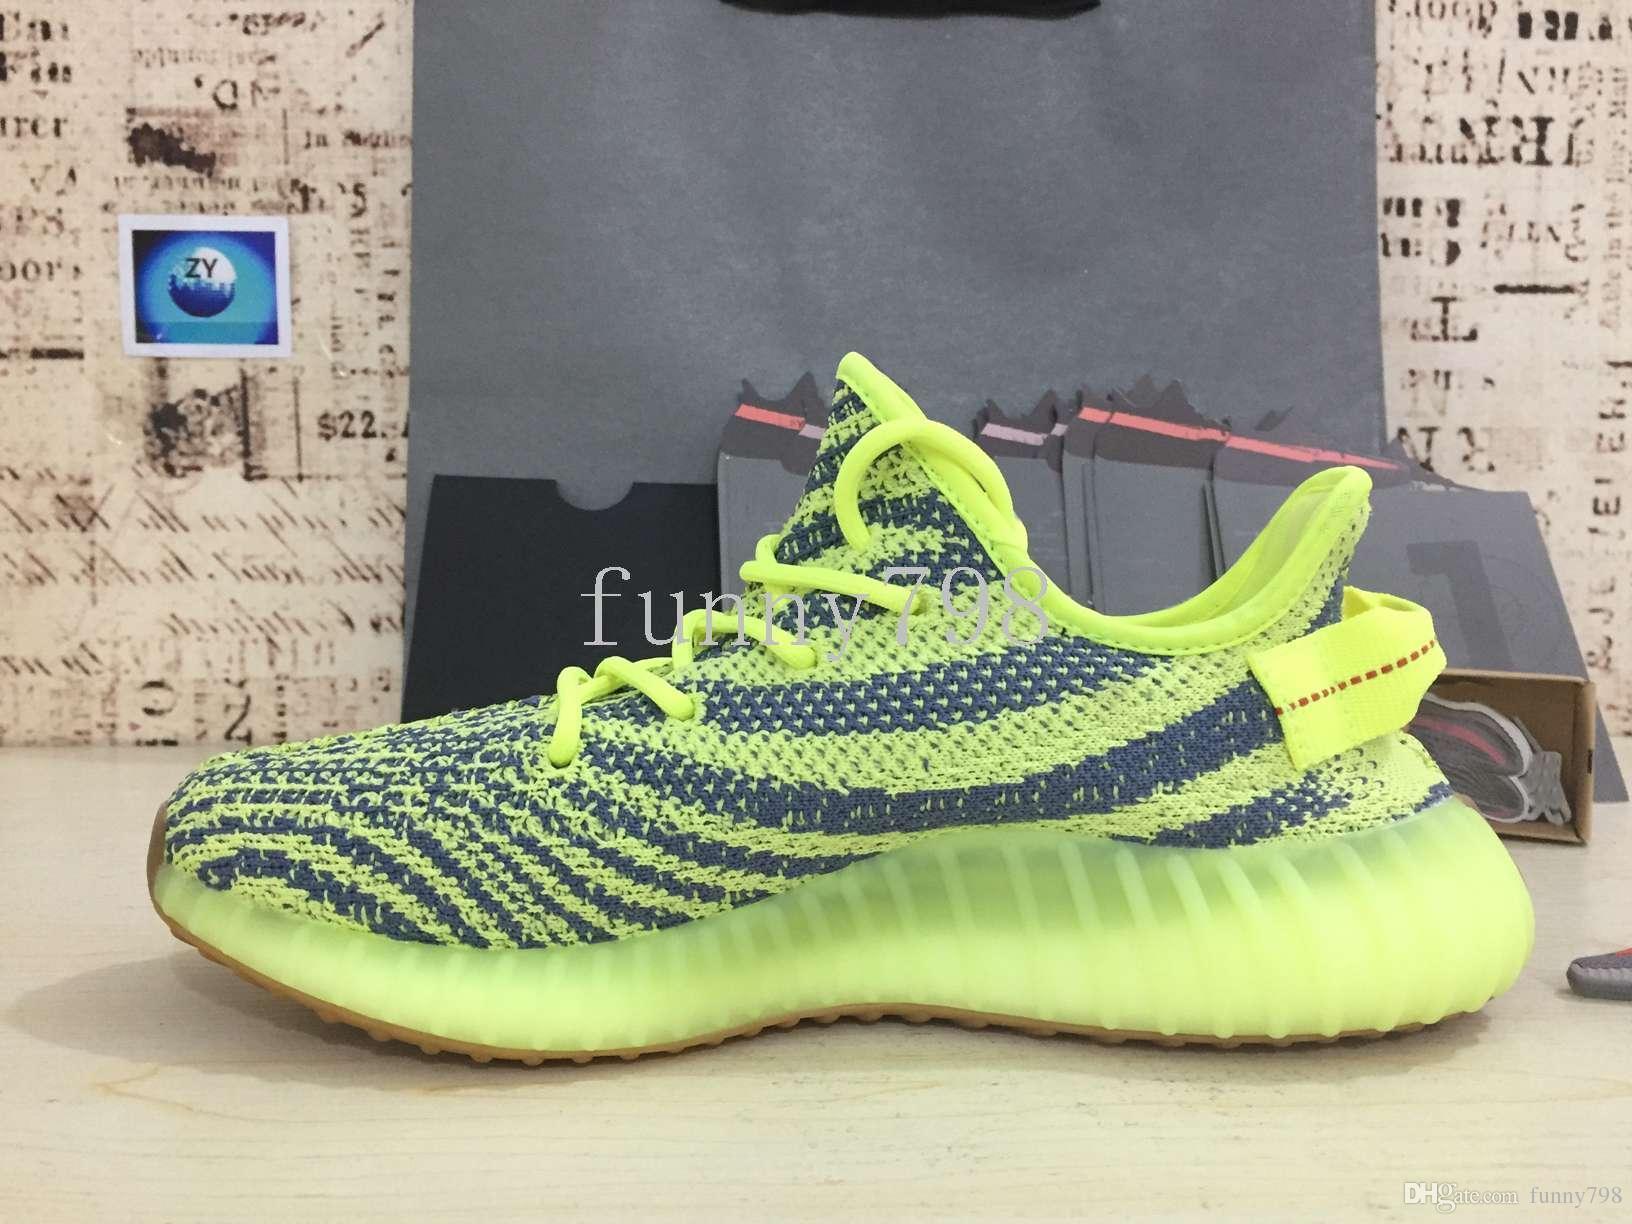 Migliore [] 2019 V2-2.0 Zebra Breds Ored Static Seasam Frozen Yellow 2.0 Kanye West 3m Scarpe riflettenti Uomini Donne Sneakers di design